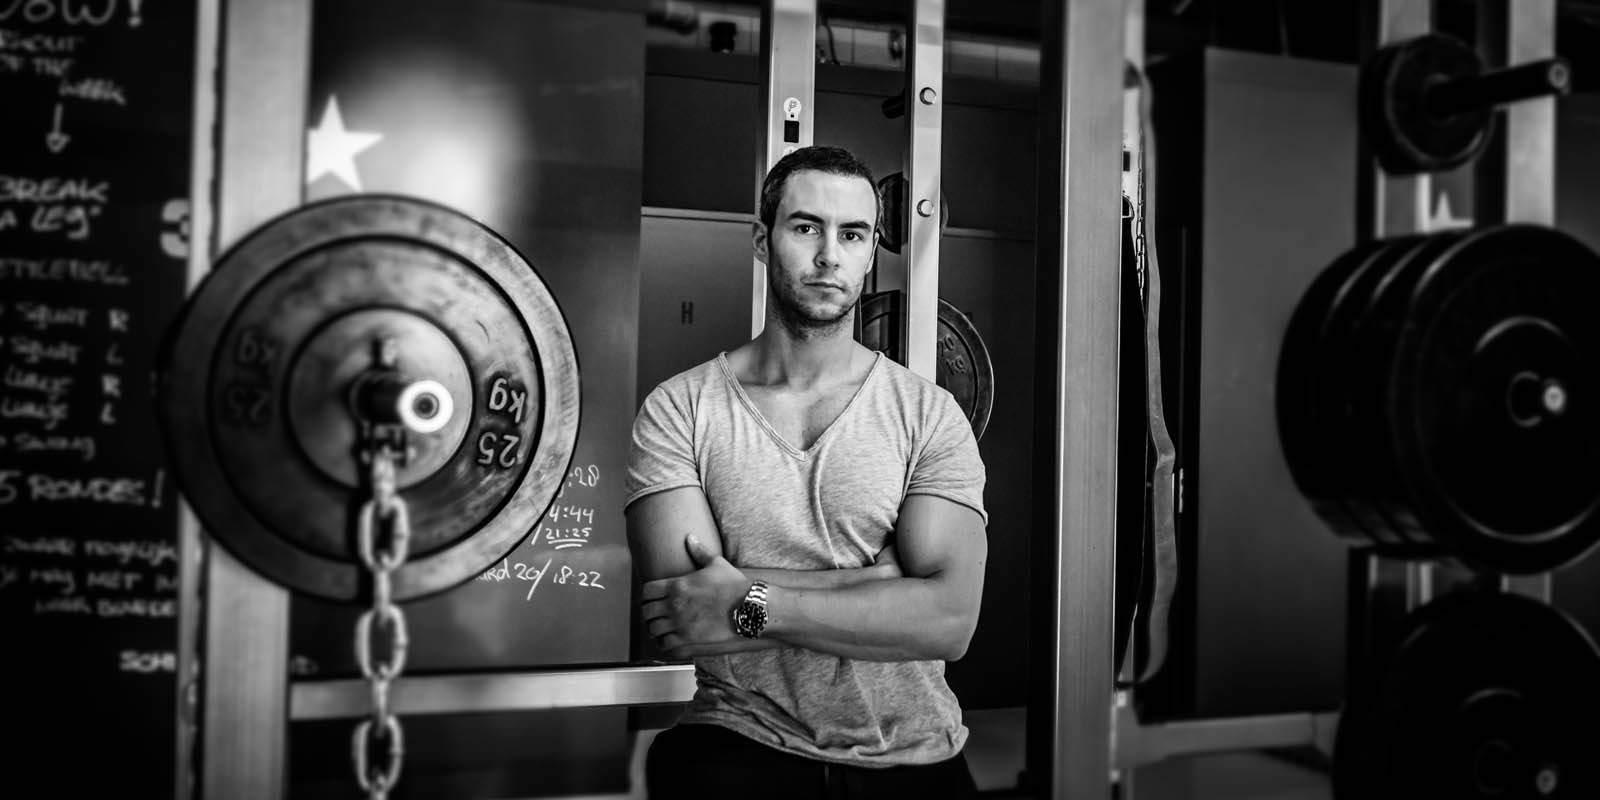 Guy van der Reijden - 3SIXTY5 Personal Training